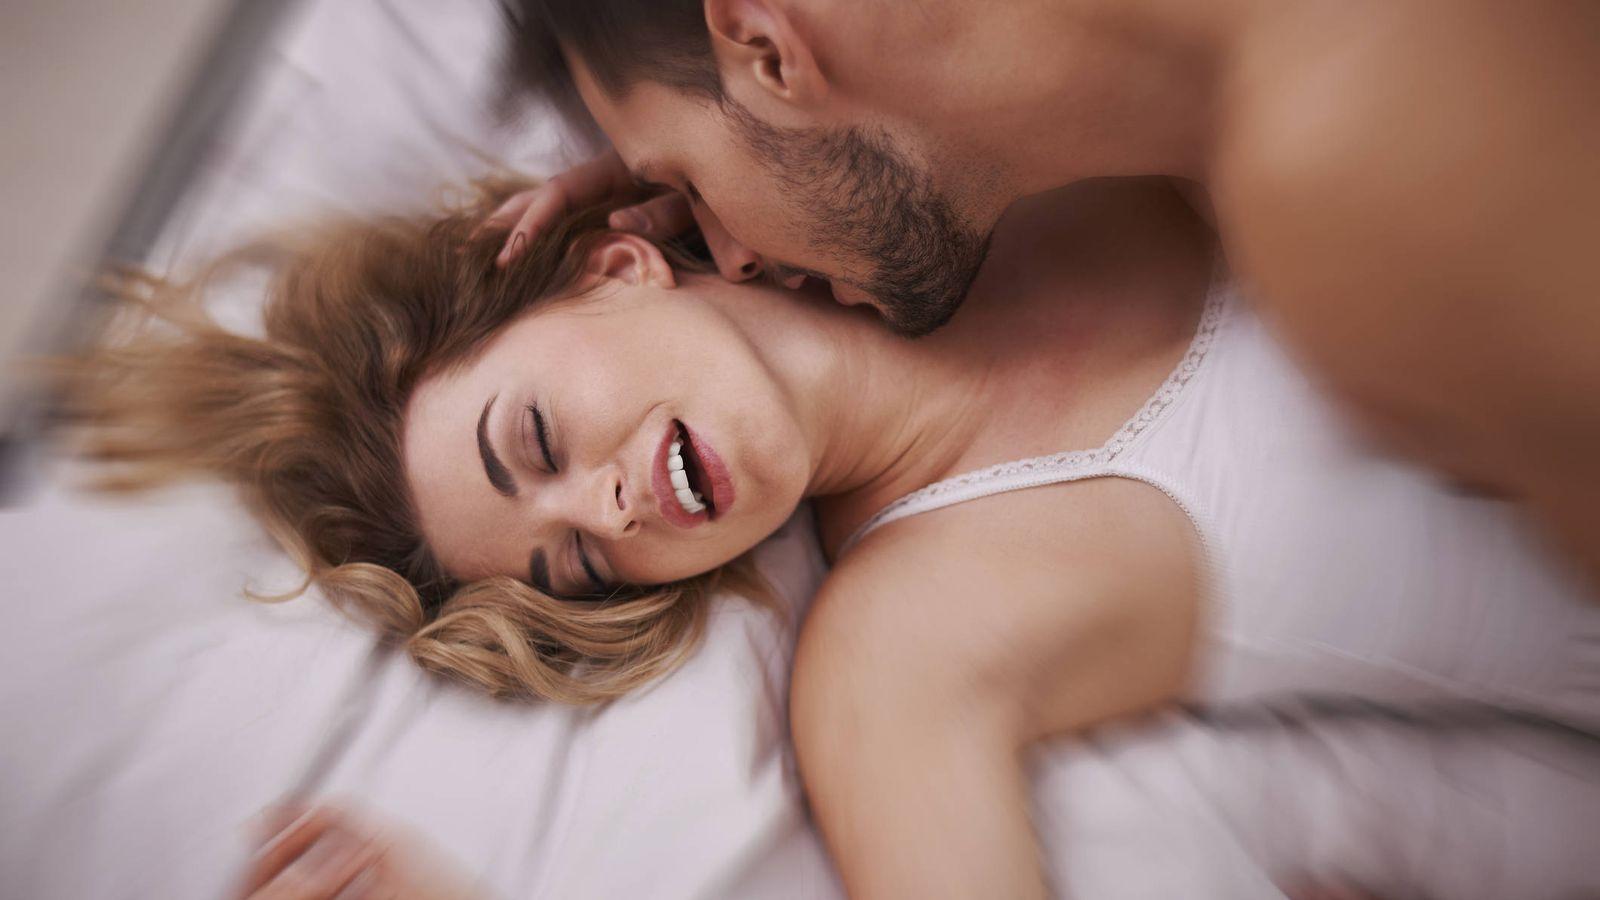 penetrar una mujer en la cama